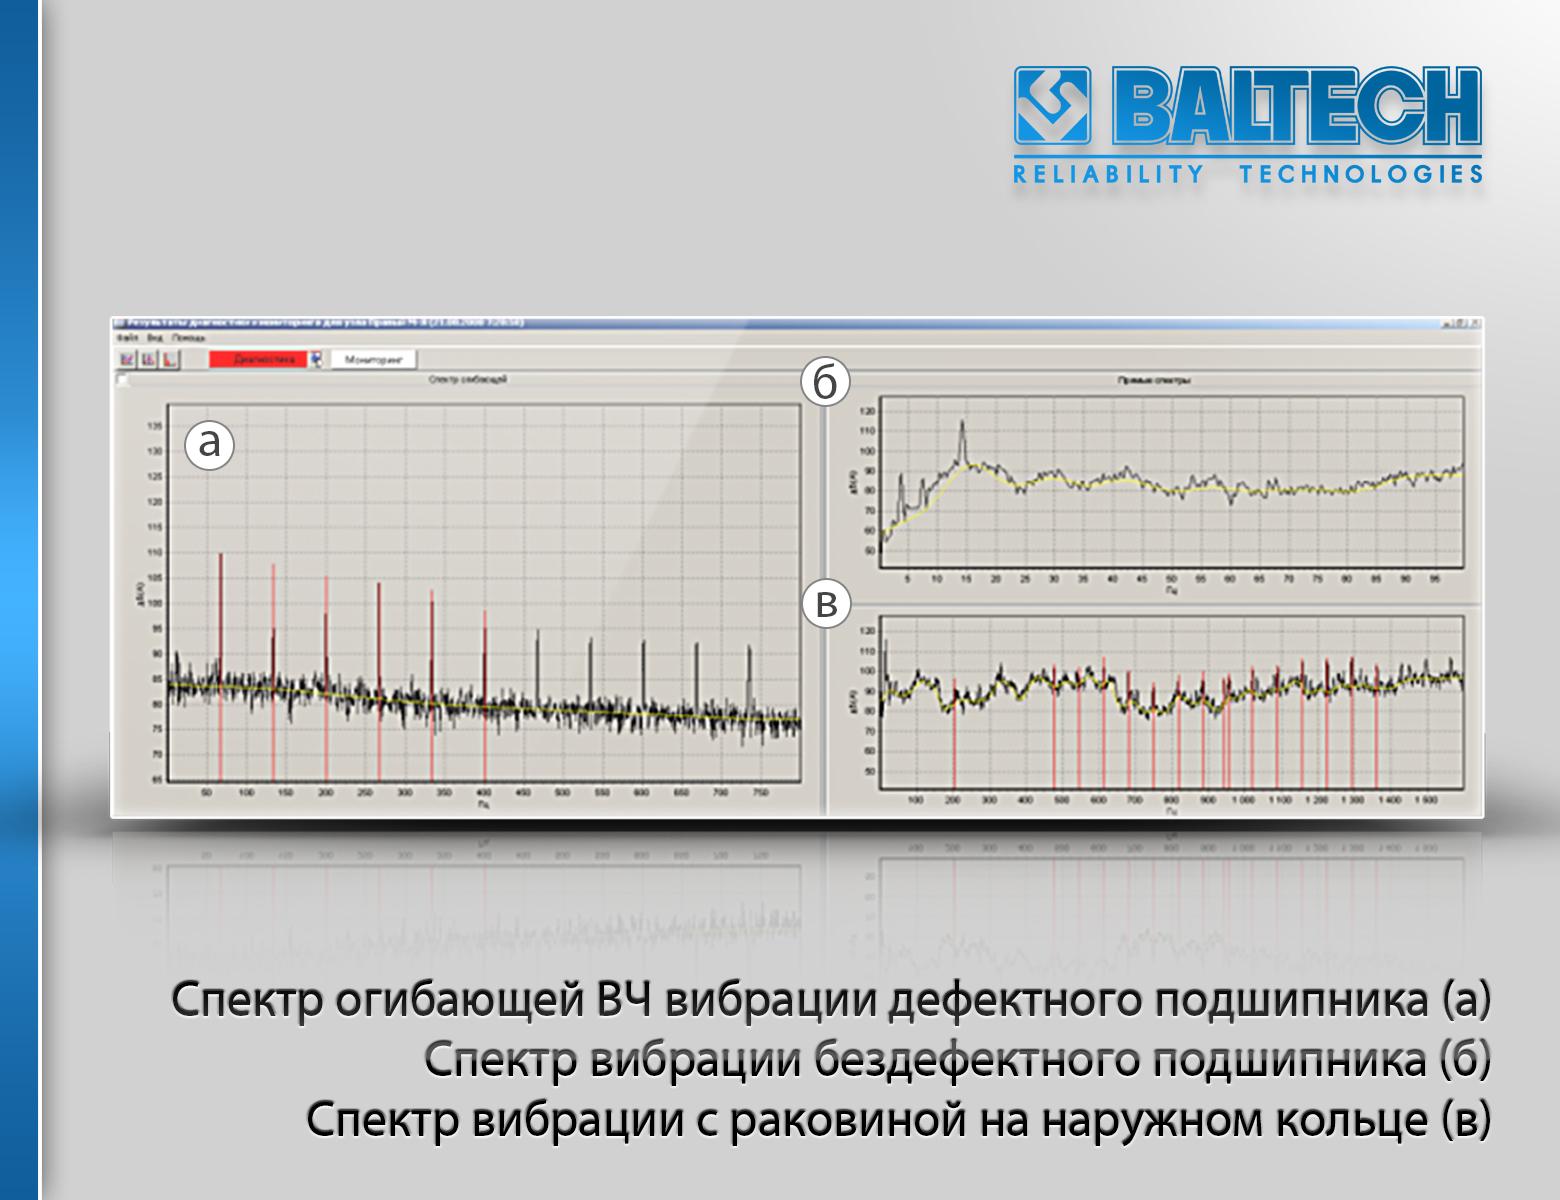 Спектры вибрации бездефектного подшипника, с раковиной на наружном кольце и спектр огибающей ВЧ вибрации дефектного подшипника